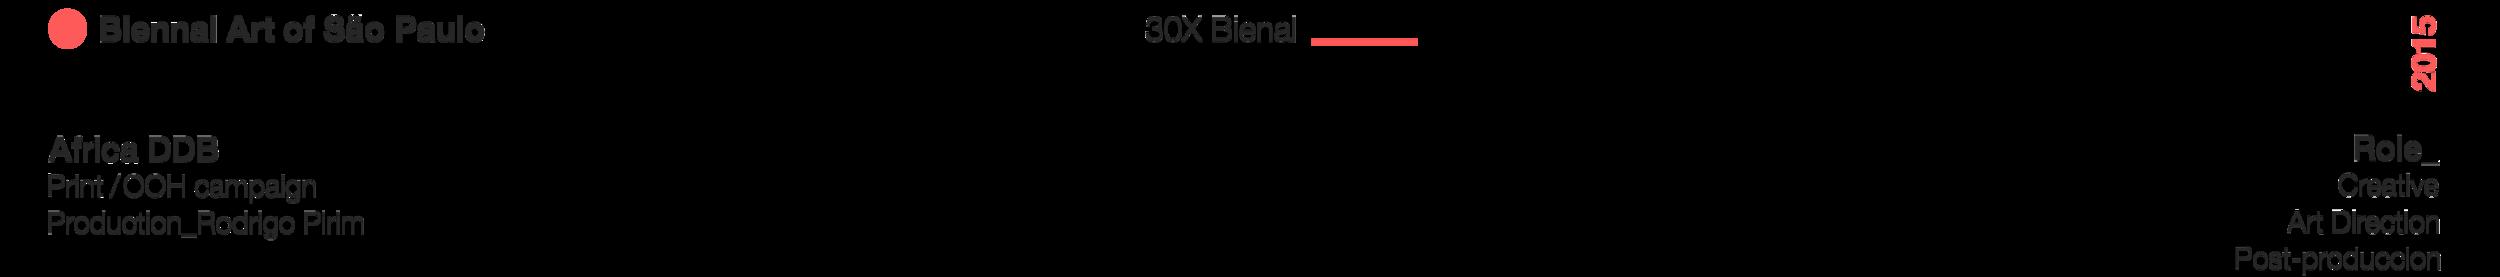 bienal_base.png